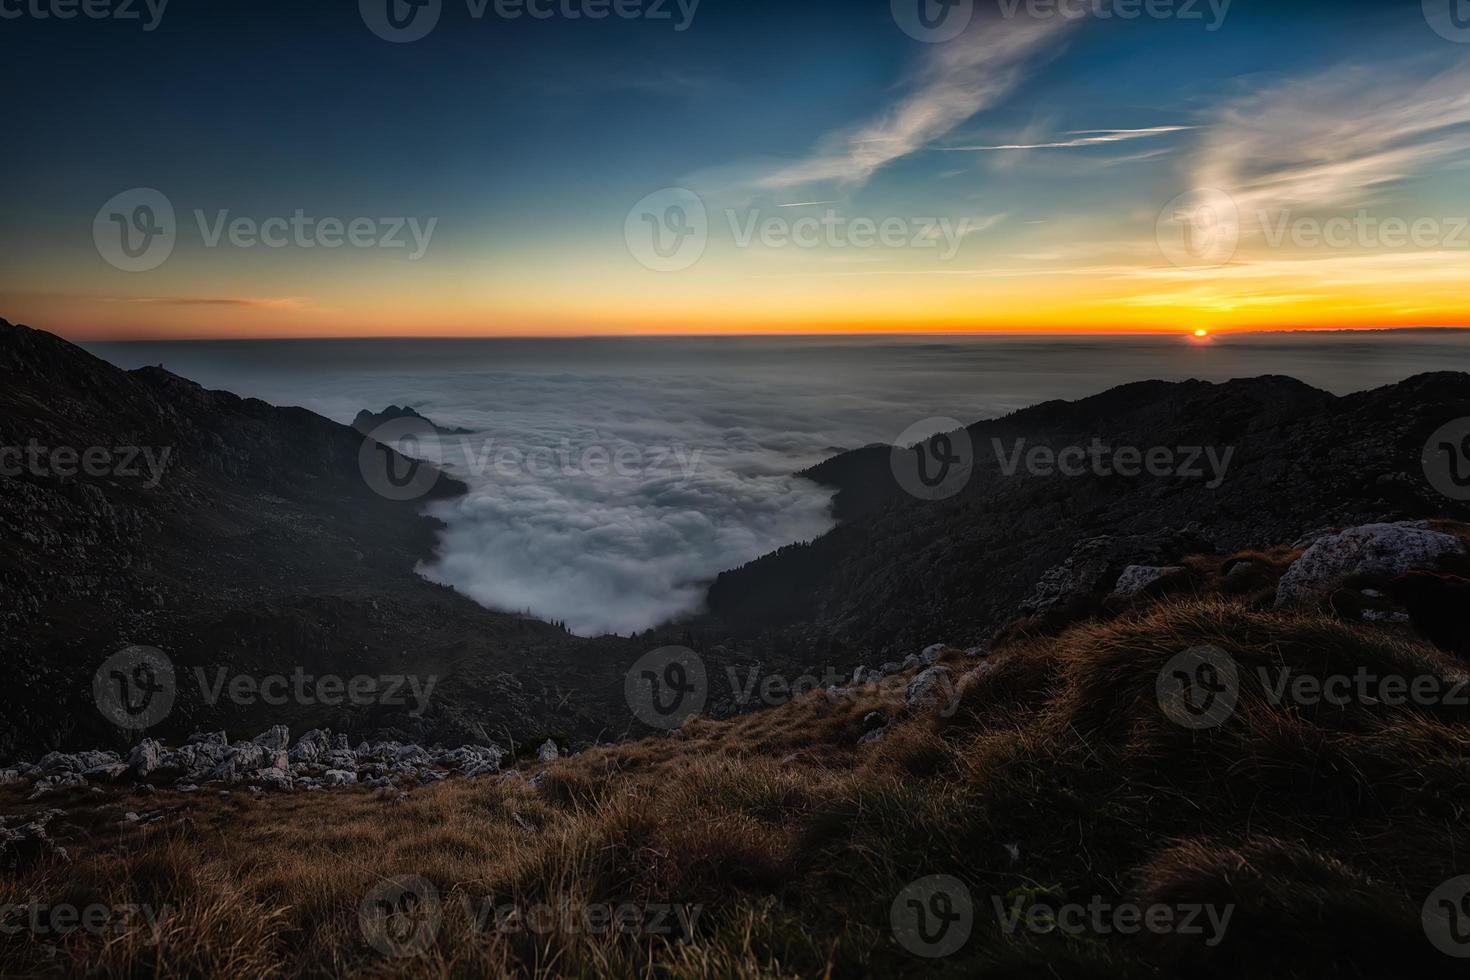 coucher de soleil dans les montagnes avec la mer de nuages bas photo